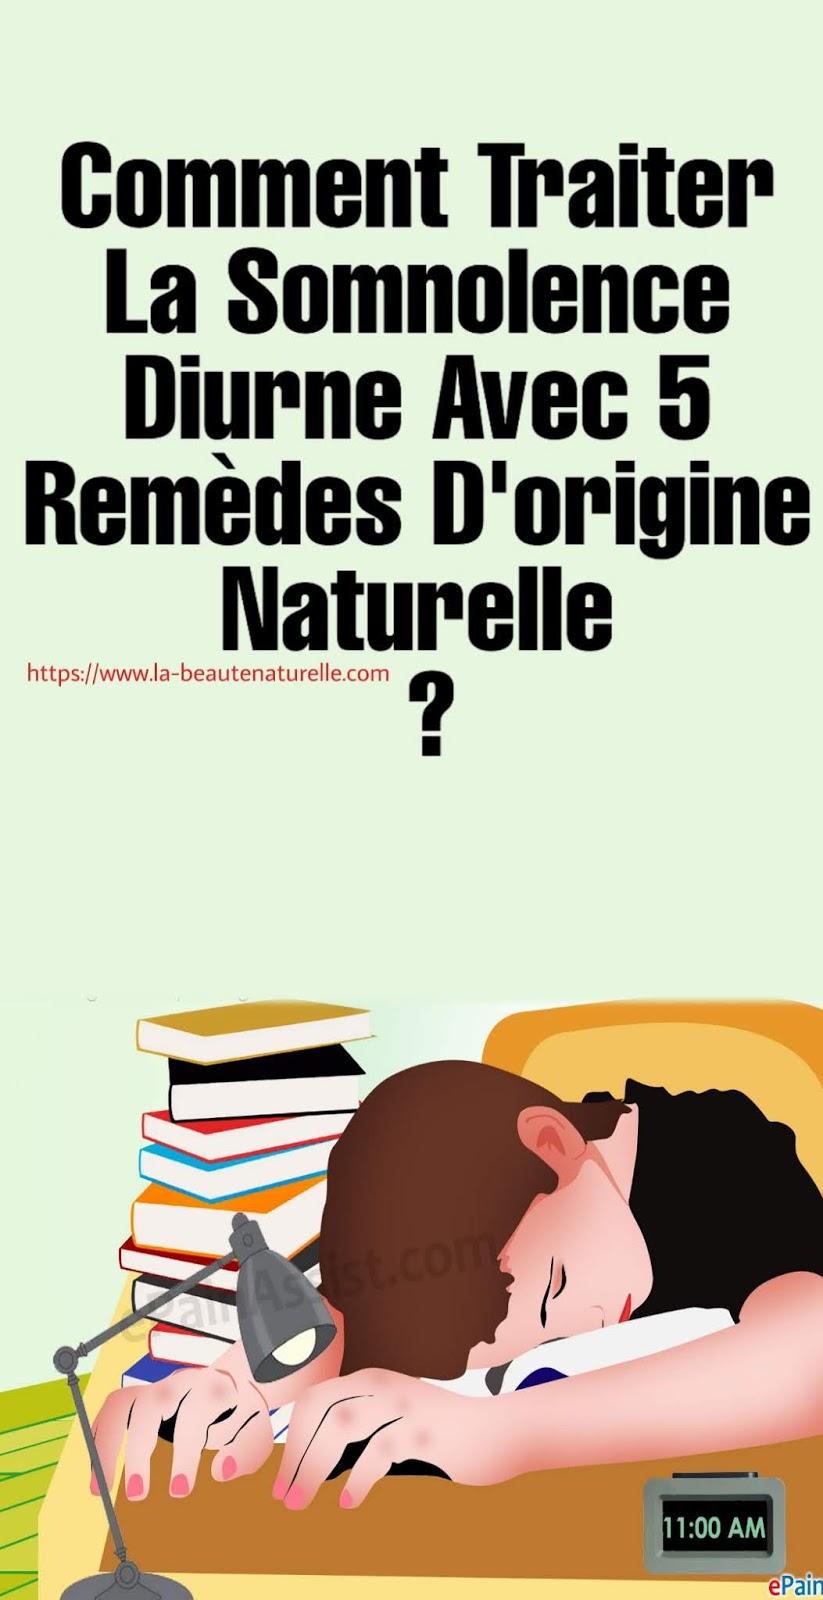 Comment Traiter La Somnolence Diurne Avec 5 Remèdes D'origine Naturelle ?